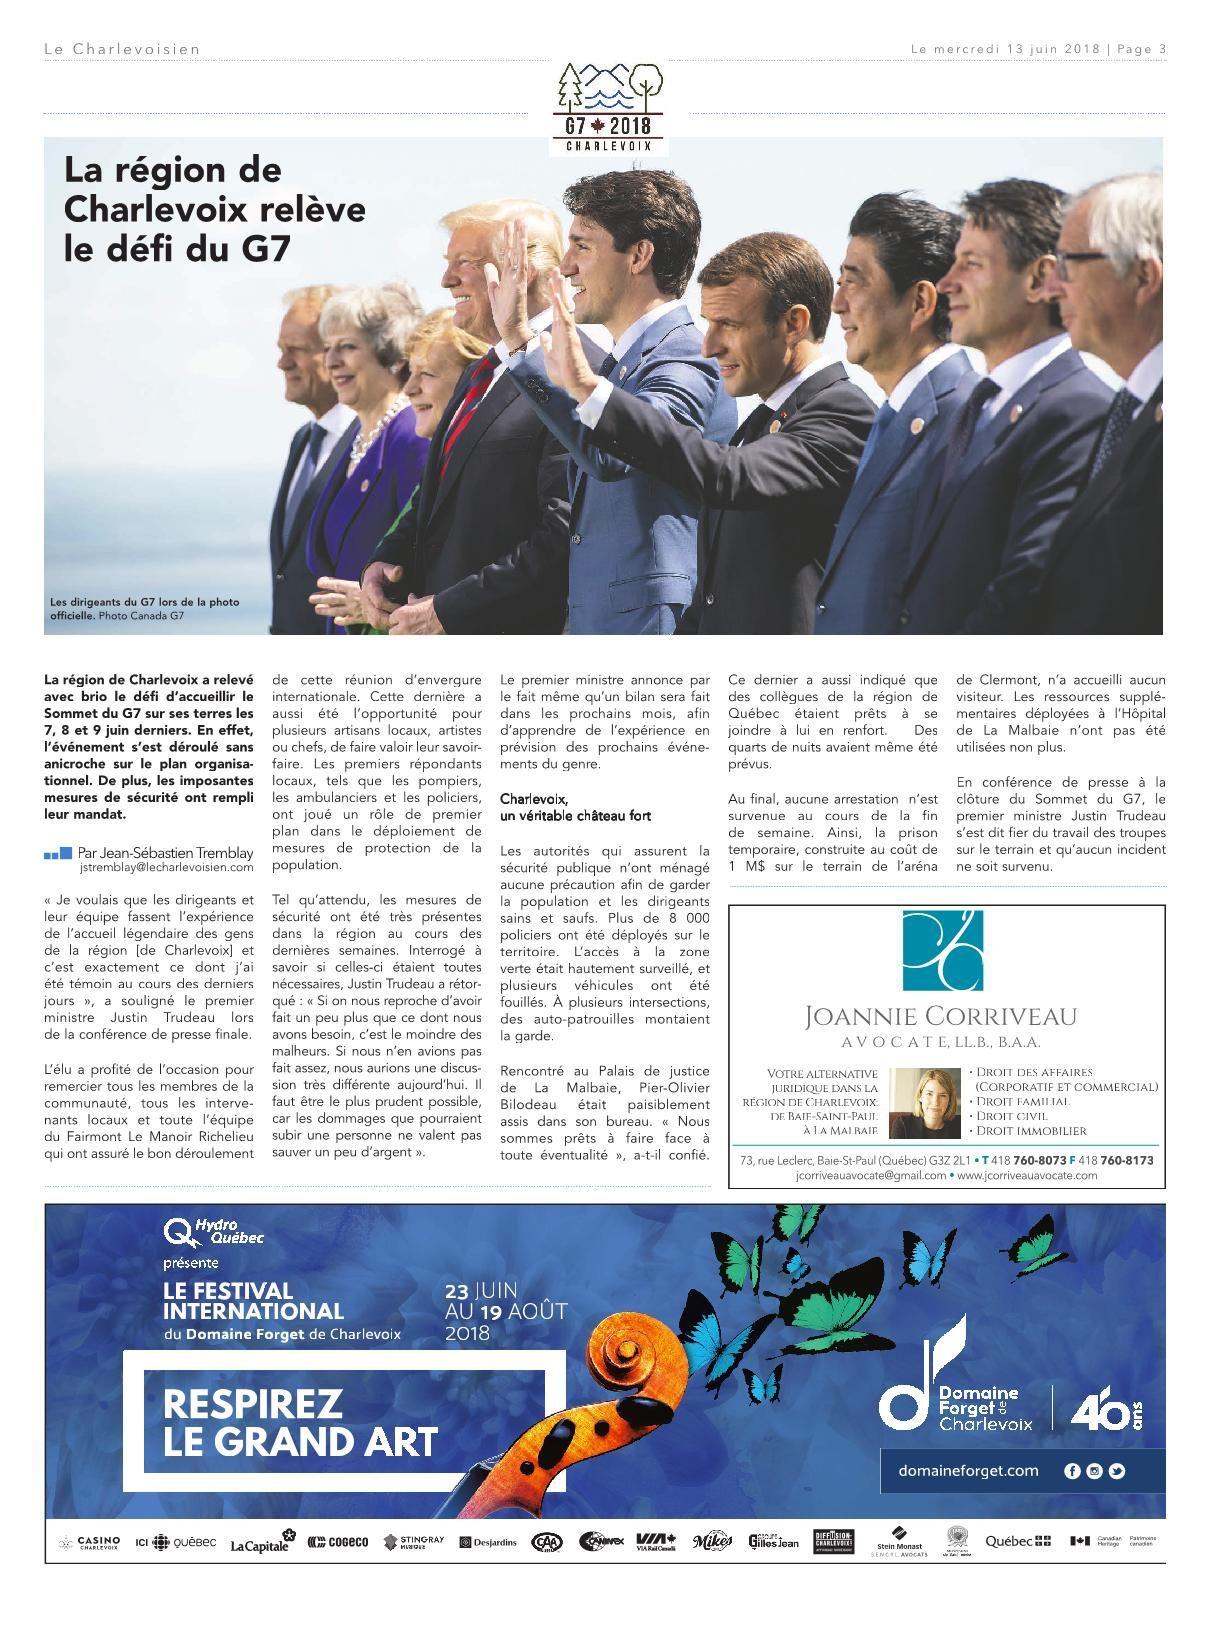 Leclerc Boulangerie Inspirant Le Charlevoisien 13 Juin 2018 Pages 1 40 Text Version Of 30 Unique Leclerc Boulangerie